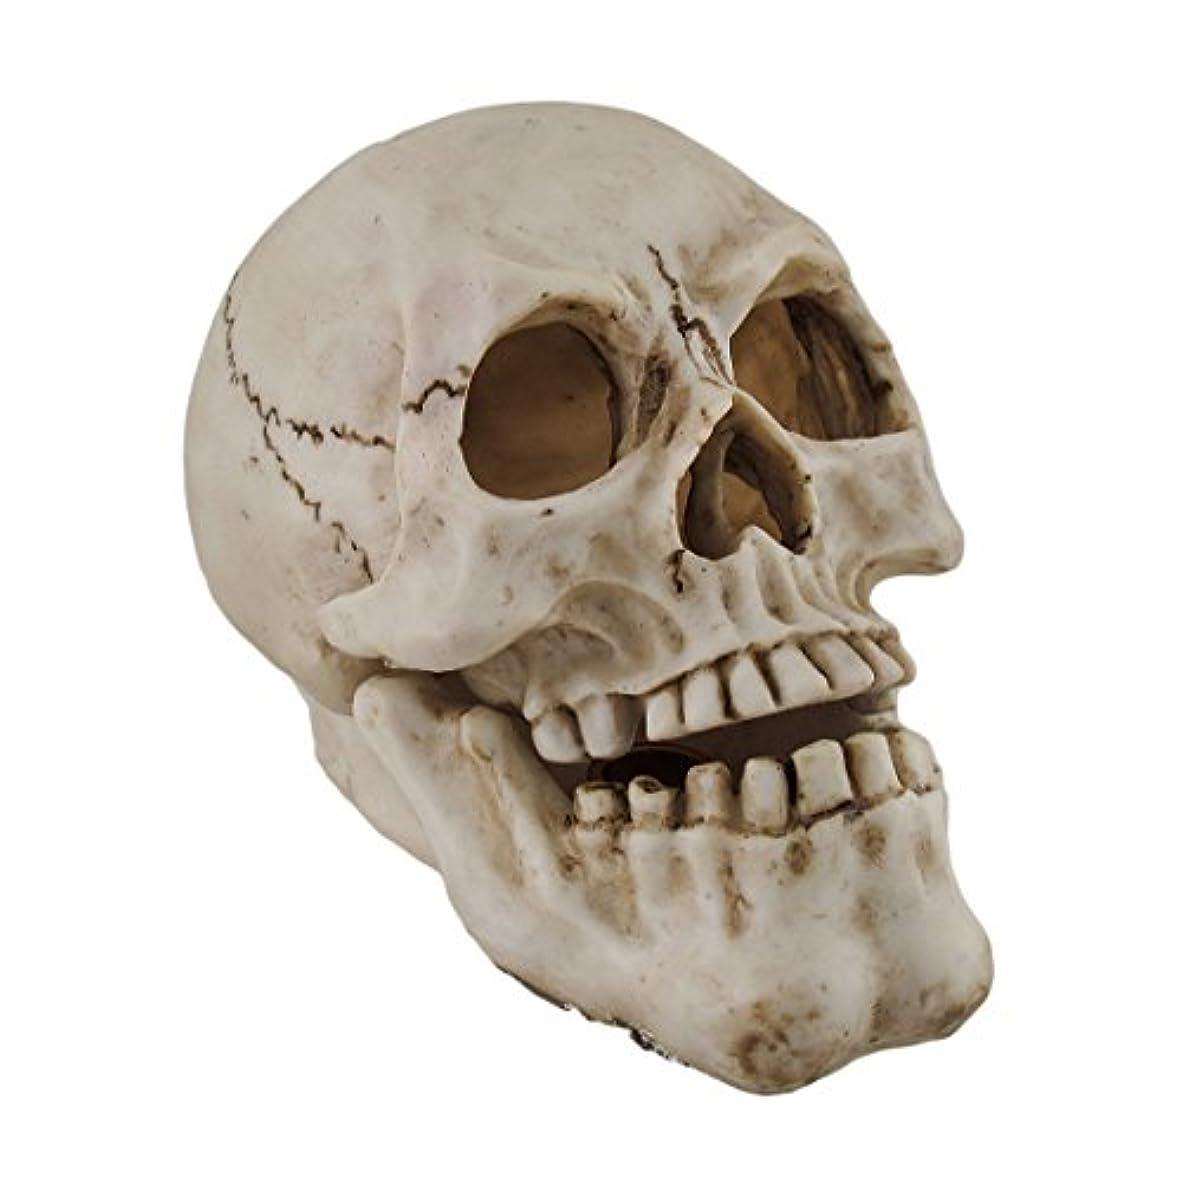 イベント適合するオーブン樹脂IncenseホルダーHuman Skull Shaped Incense Burnerボックス7.75 X 5.75 X 4.5インチホワイトモデル# pwh-63